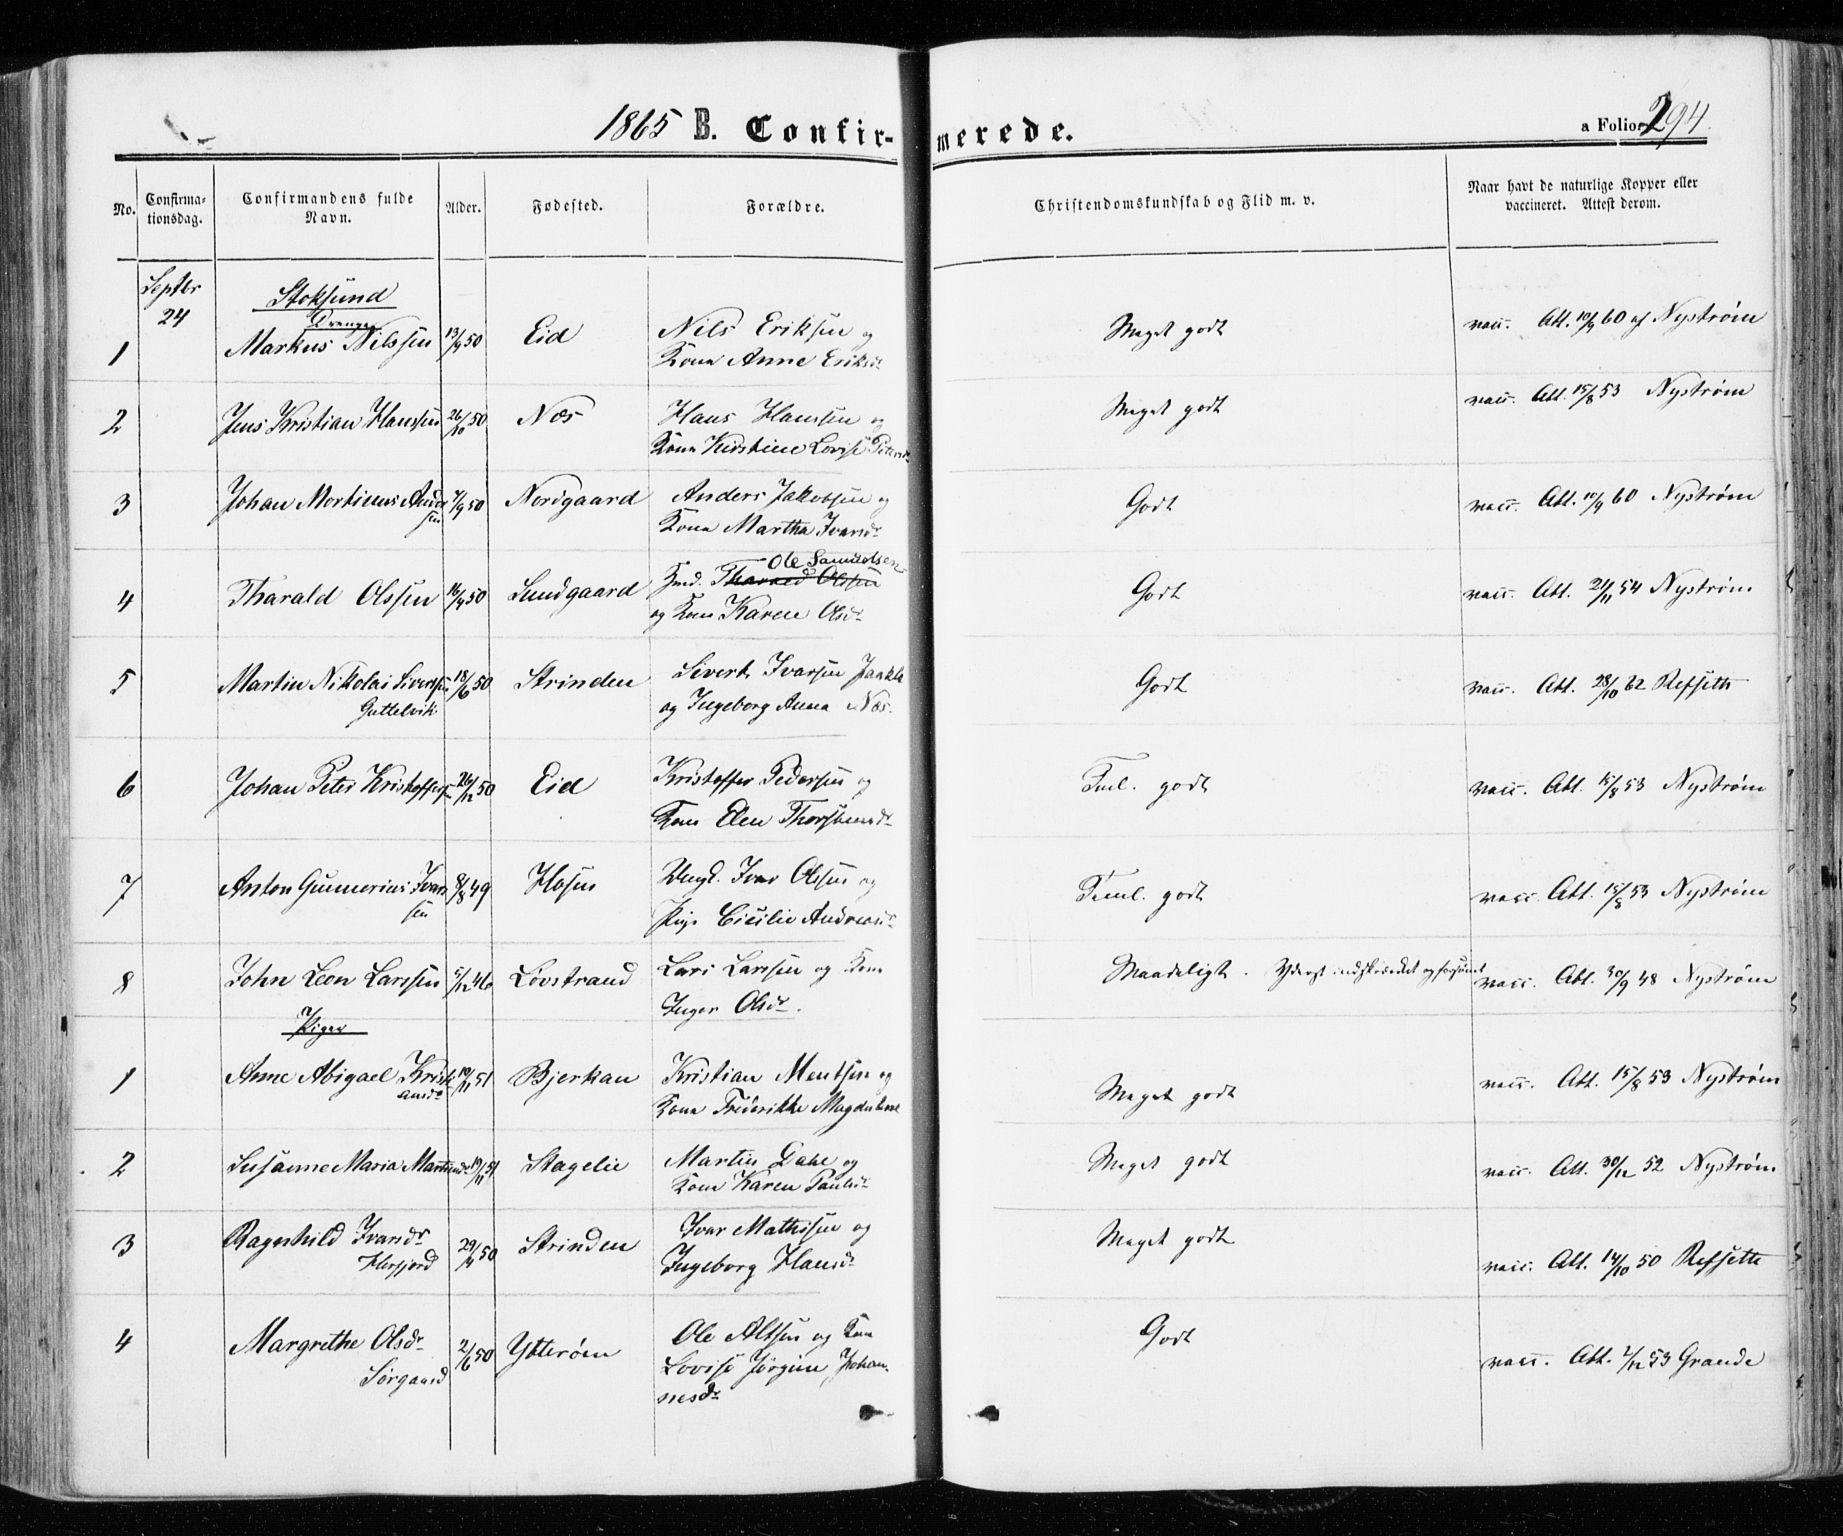 SAT, Ministerialprotokoller, klokkerbøker og fødselsregistre - Sør-Trøndelag, 657/L0705: Ministerialbok nr. 657A06, 1858-1867, s. 294